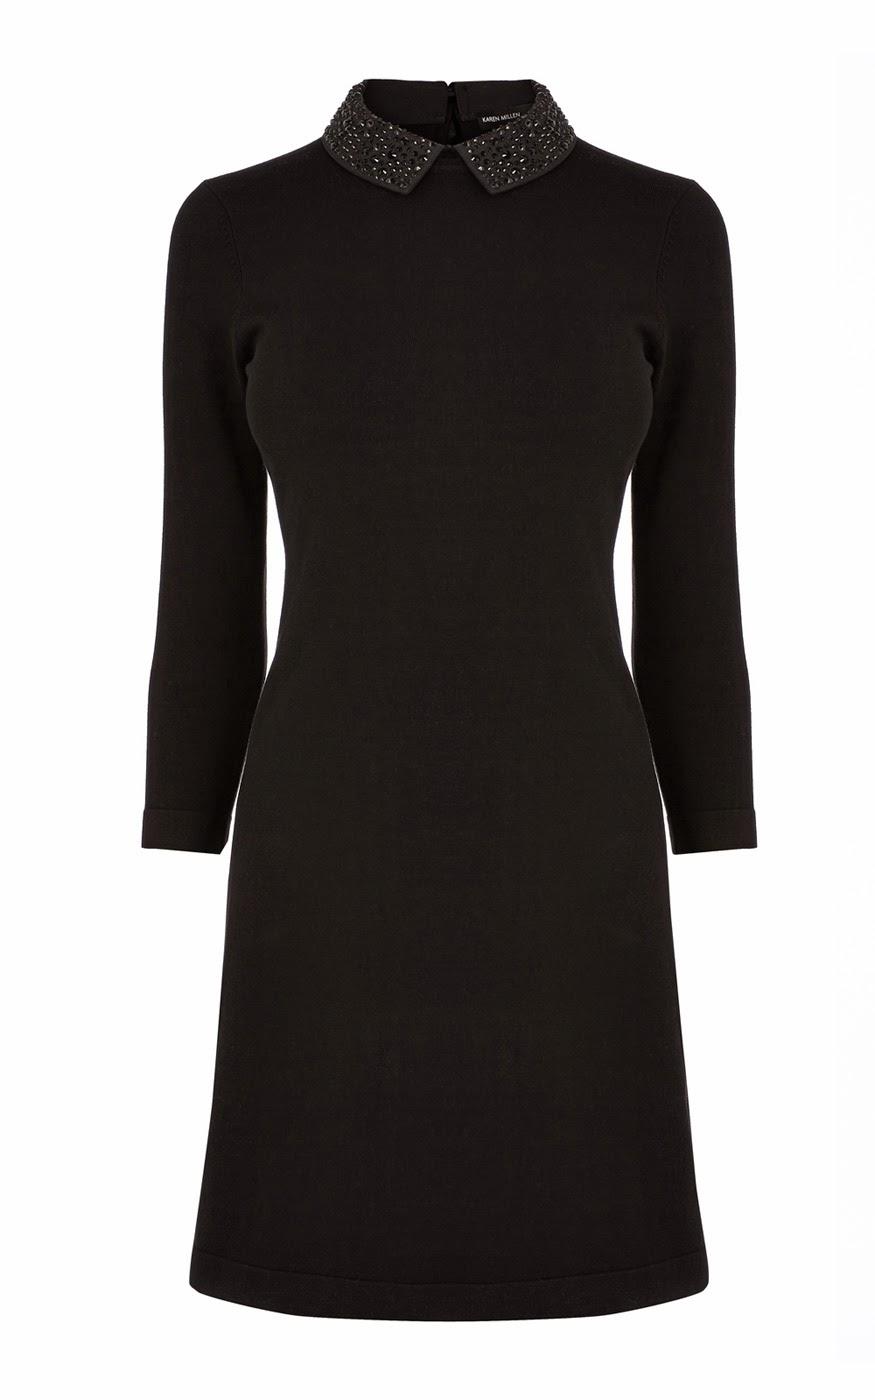 karen millen black collar dress, studded collar black dress,